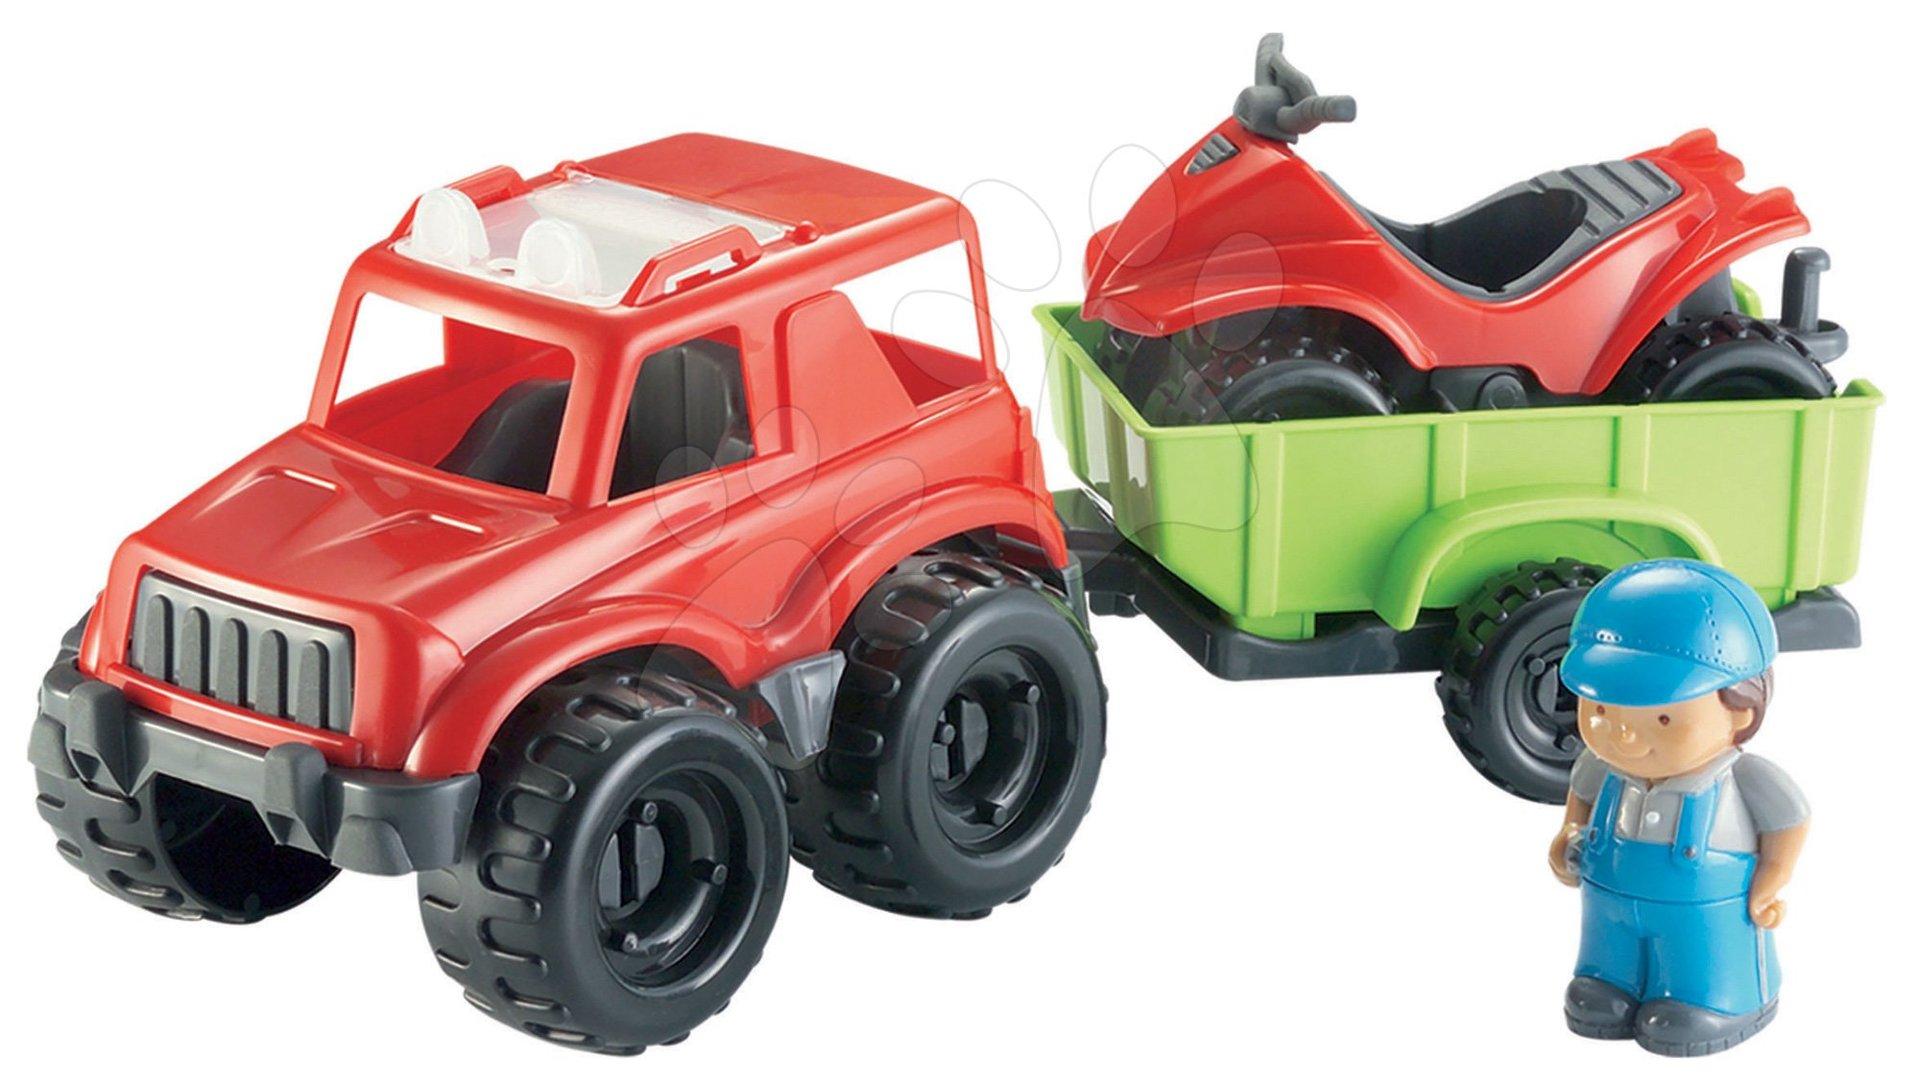 Otroške kocke Abrick - Kocke Abrick – terenski avto s prikolico in štirikolesnikom Écoiffier 20 delov od 18 mes